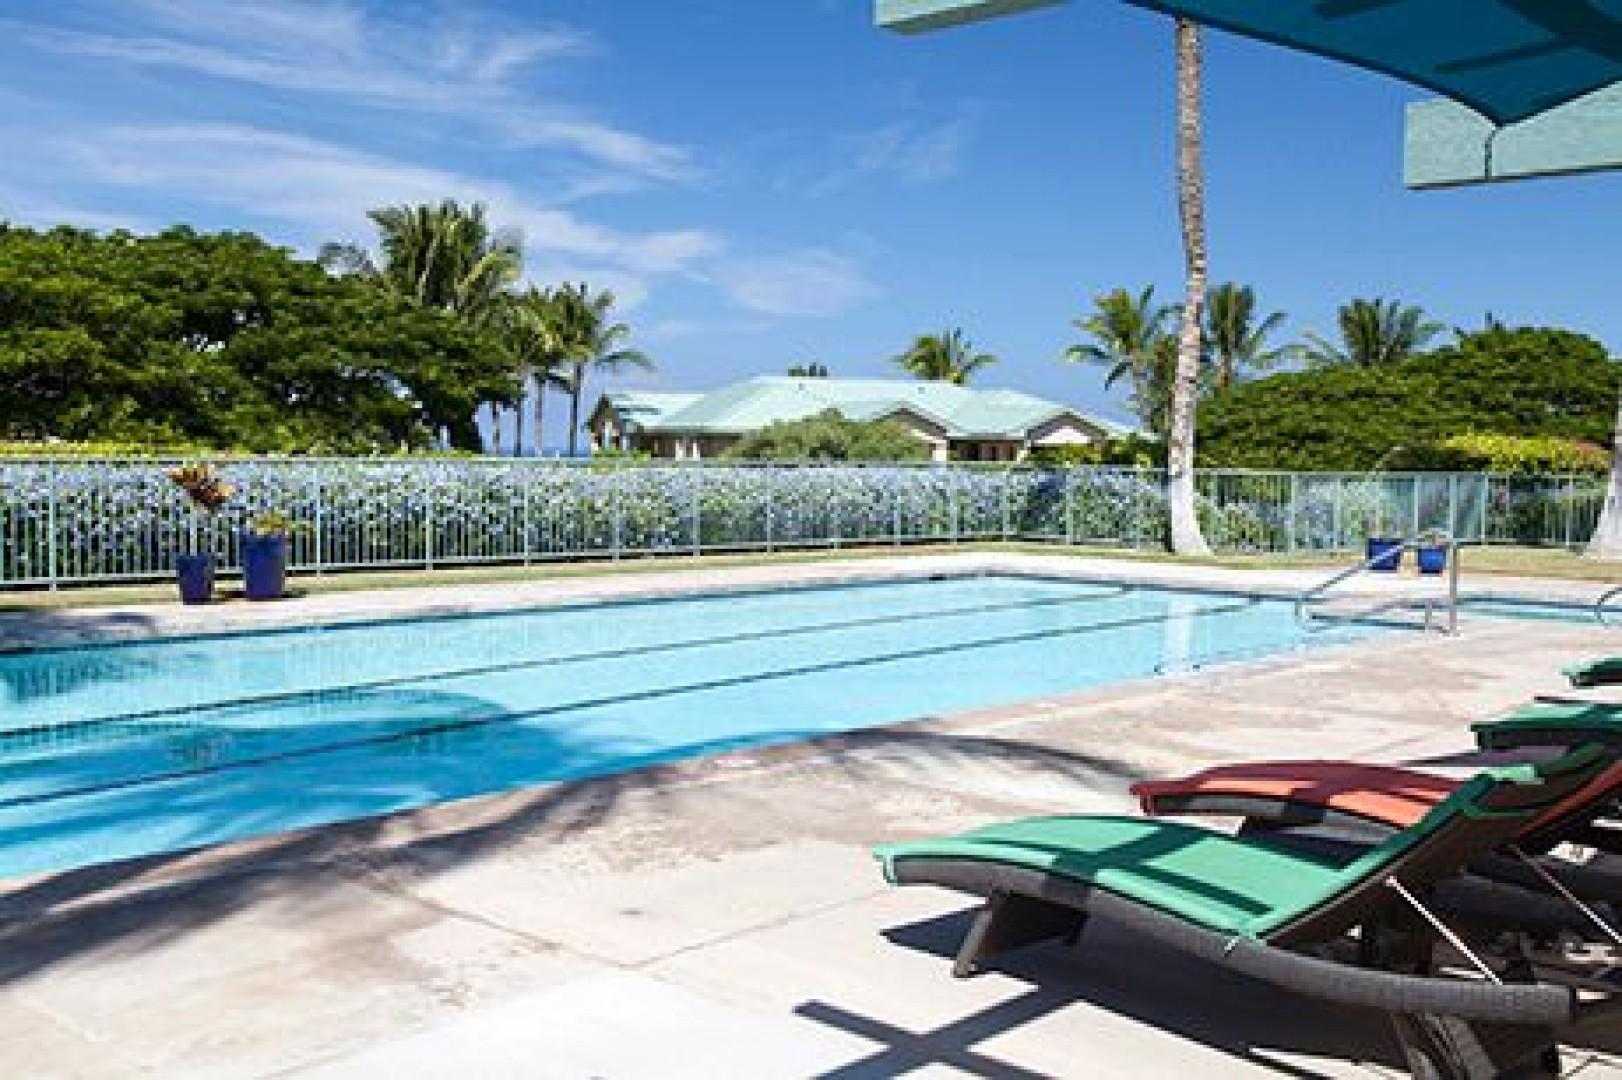 Enjoy swimming laps or taking a dip in this refreshing pool.